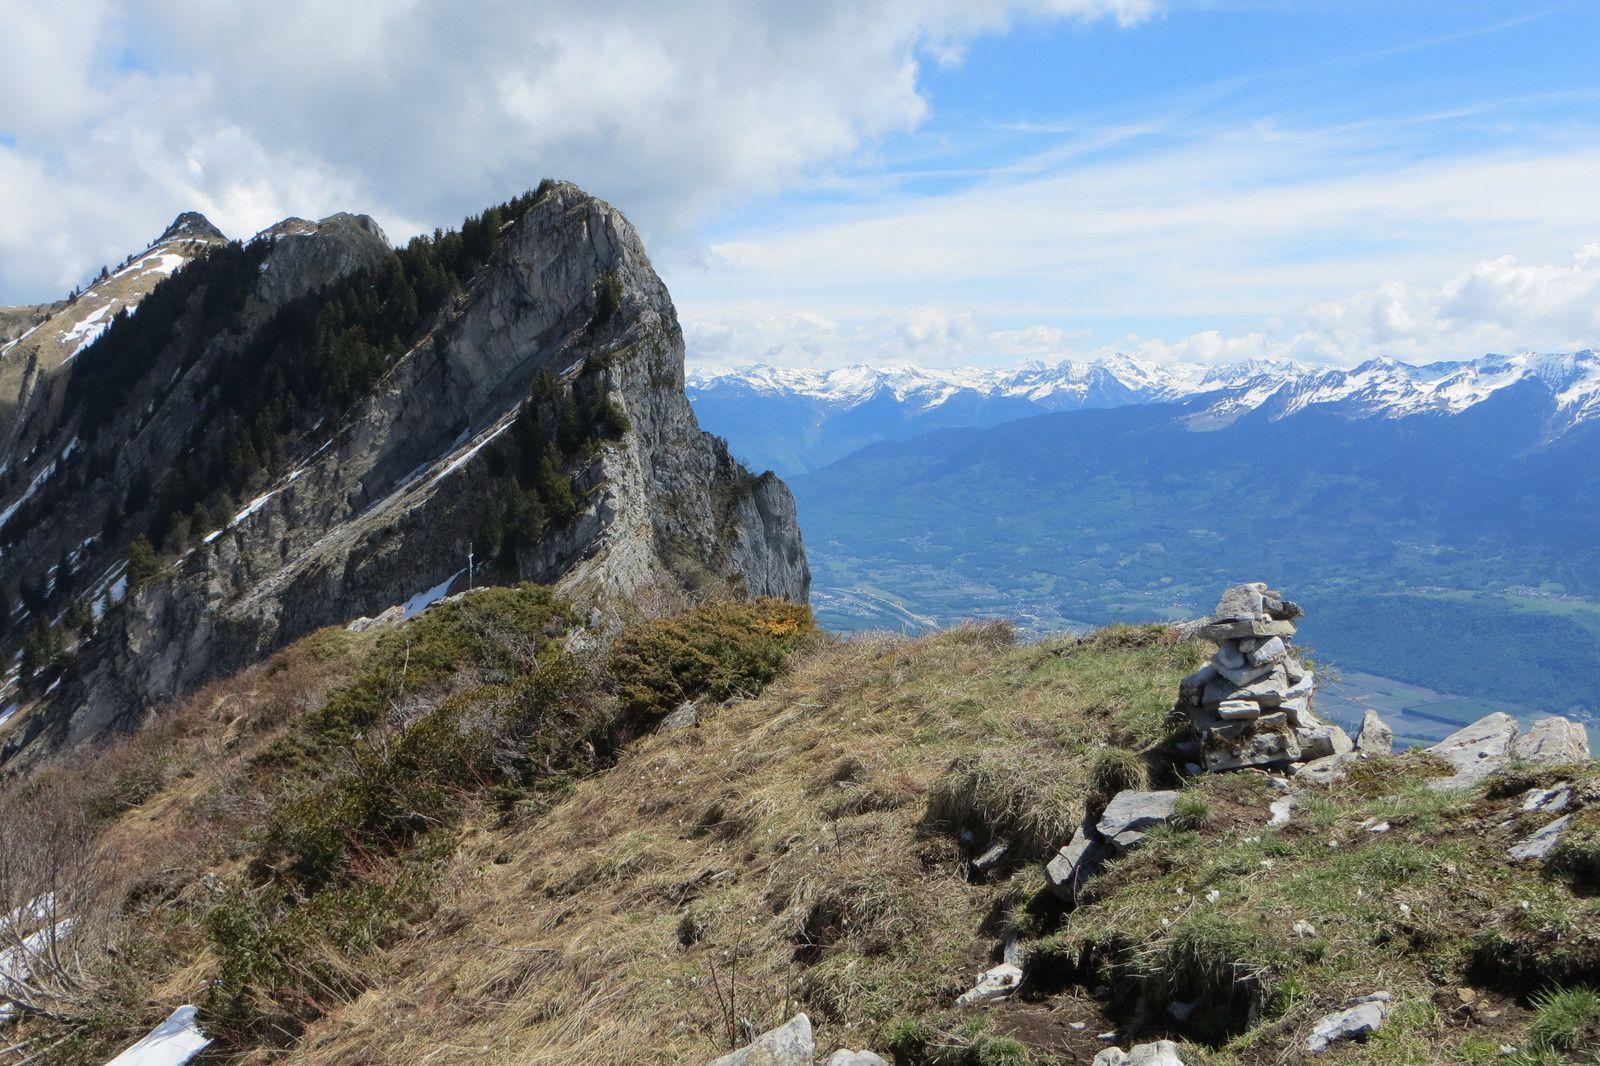 La Cha (1974m) et la Chaîne de la Lauzière vus du sommet du Chapeau de Napoléon (1854m)